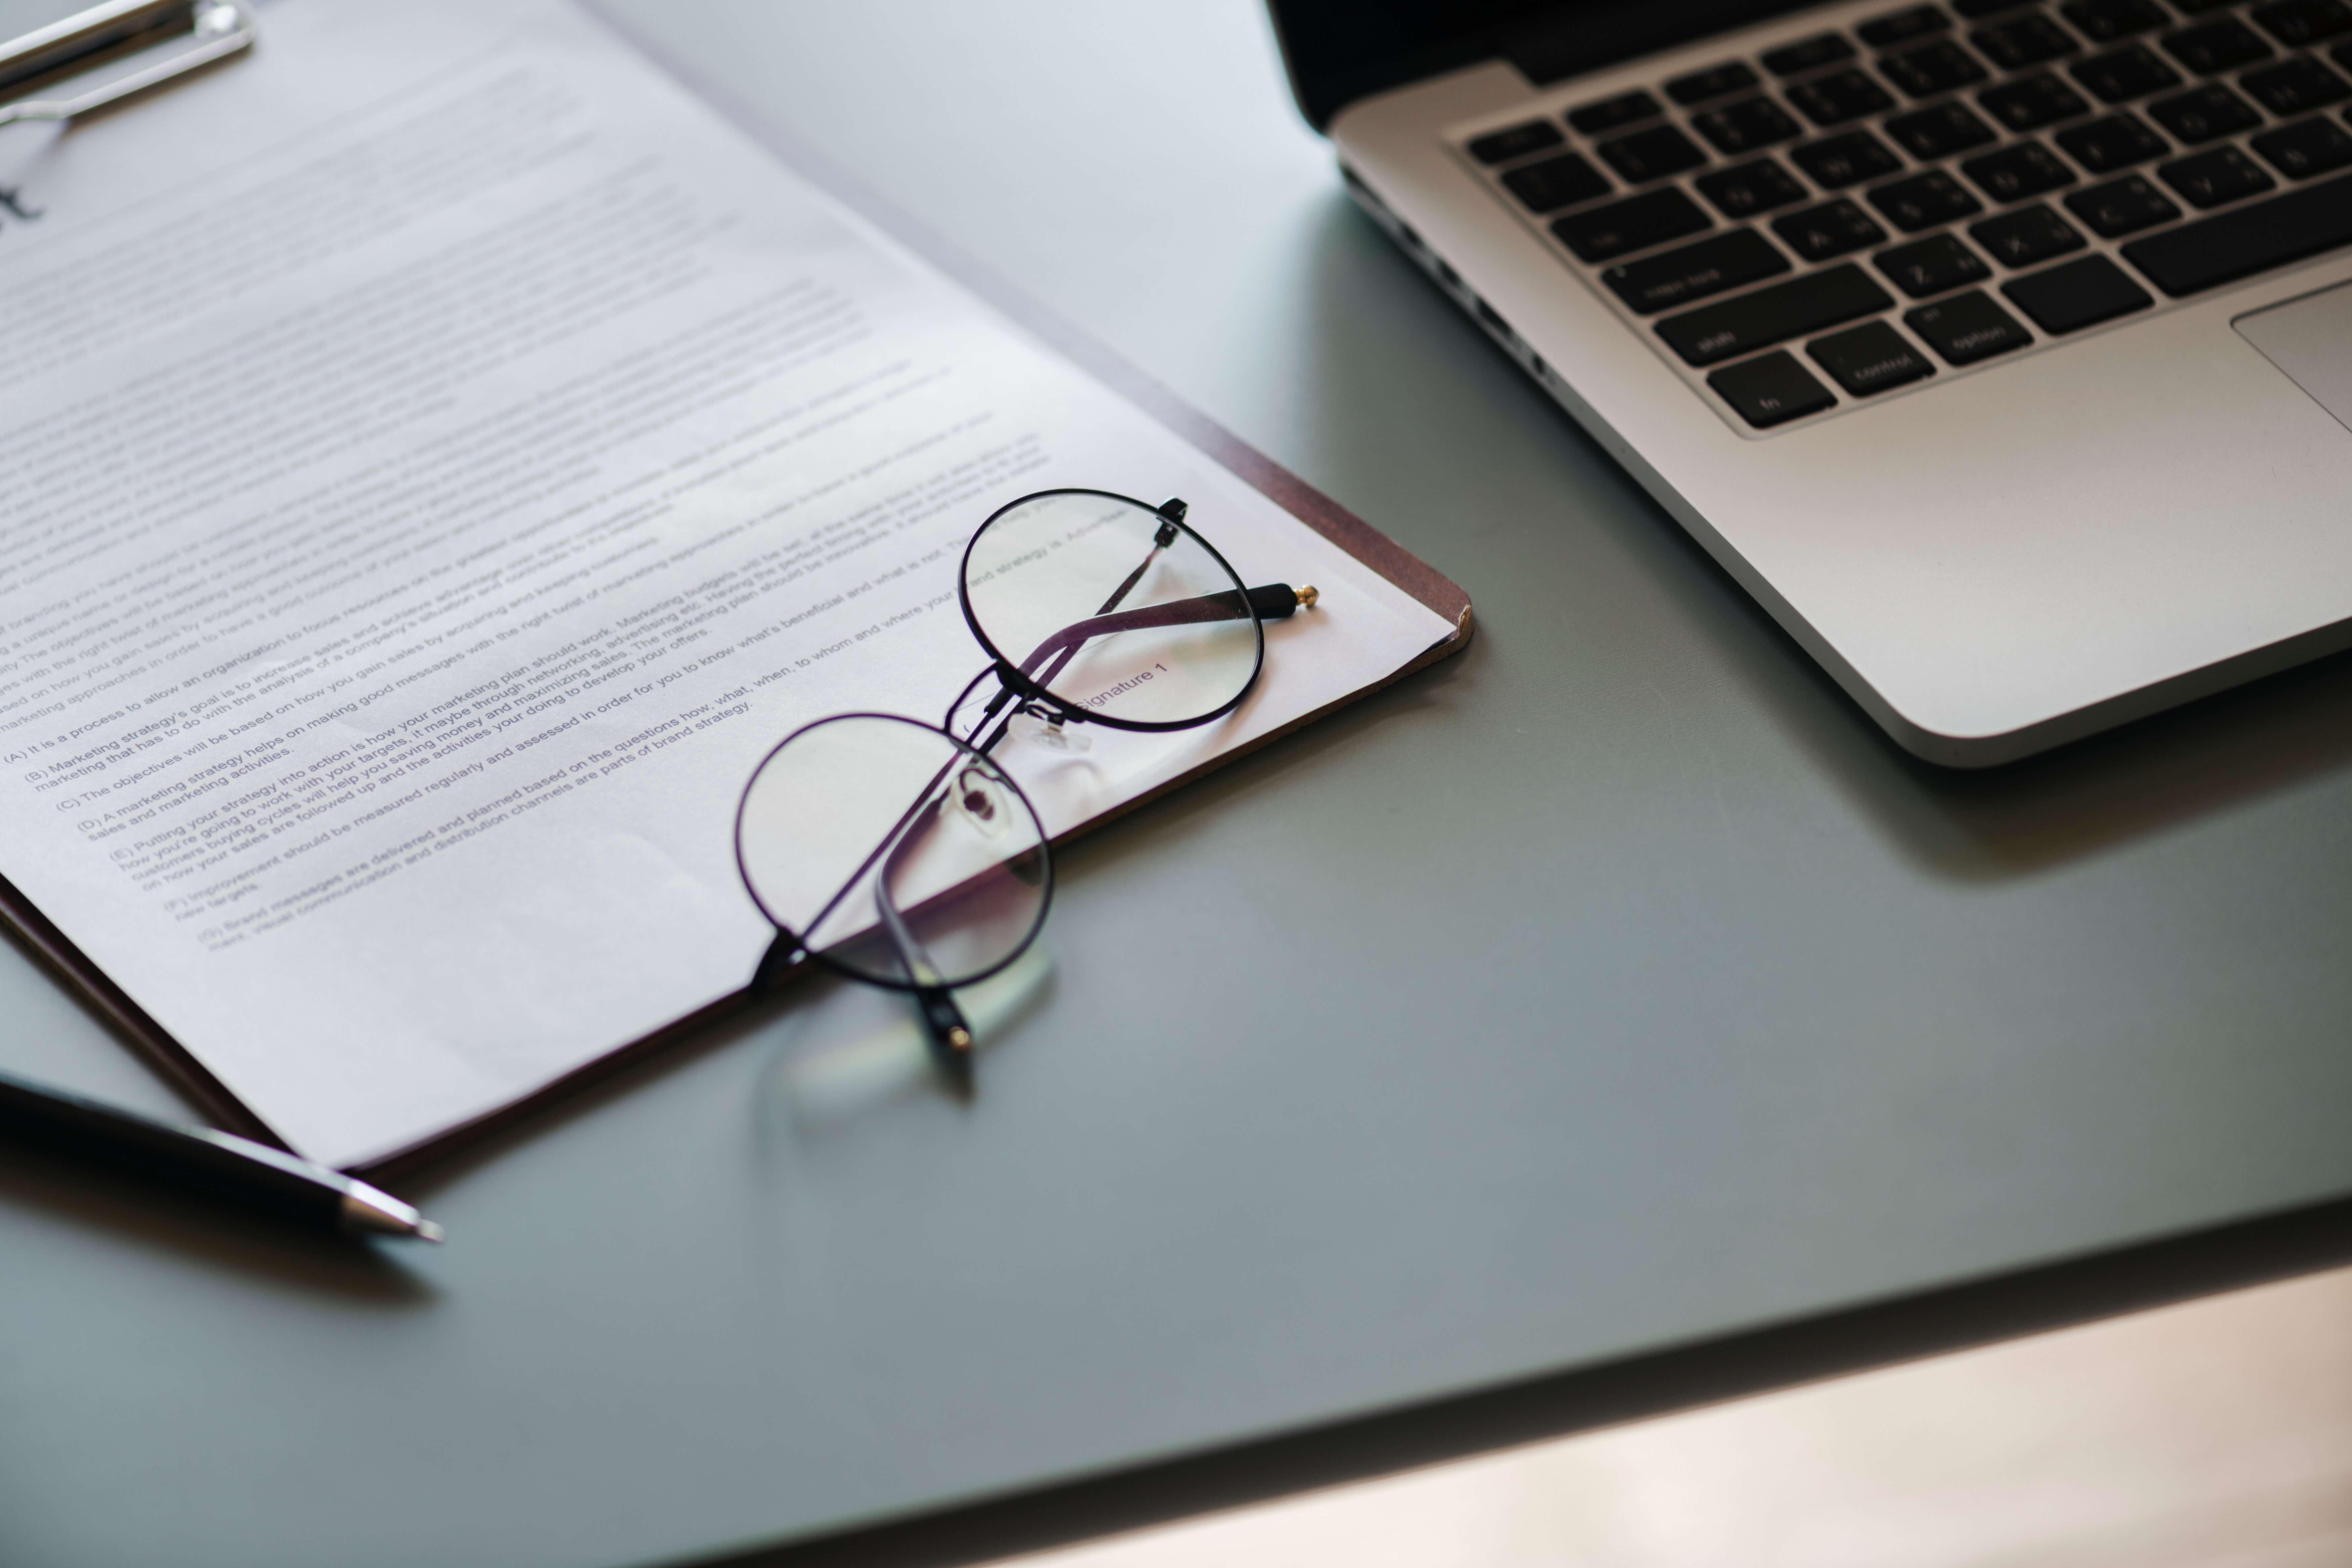 7 saker du bör tänka på inför första jobbet enligt LO